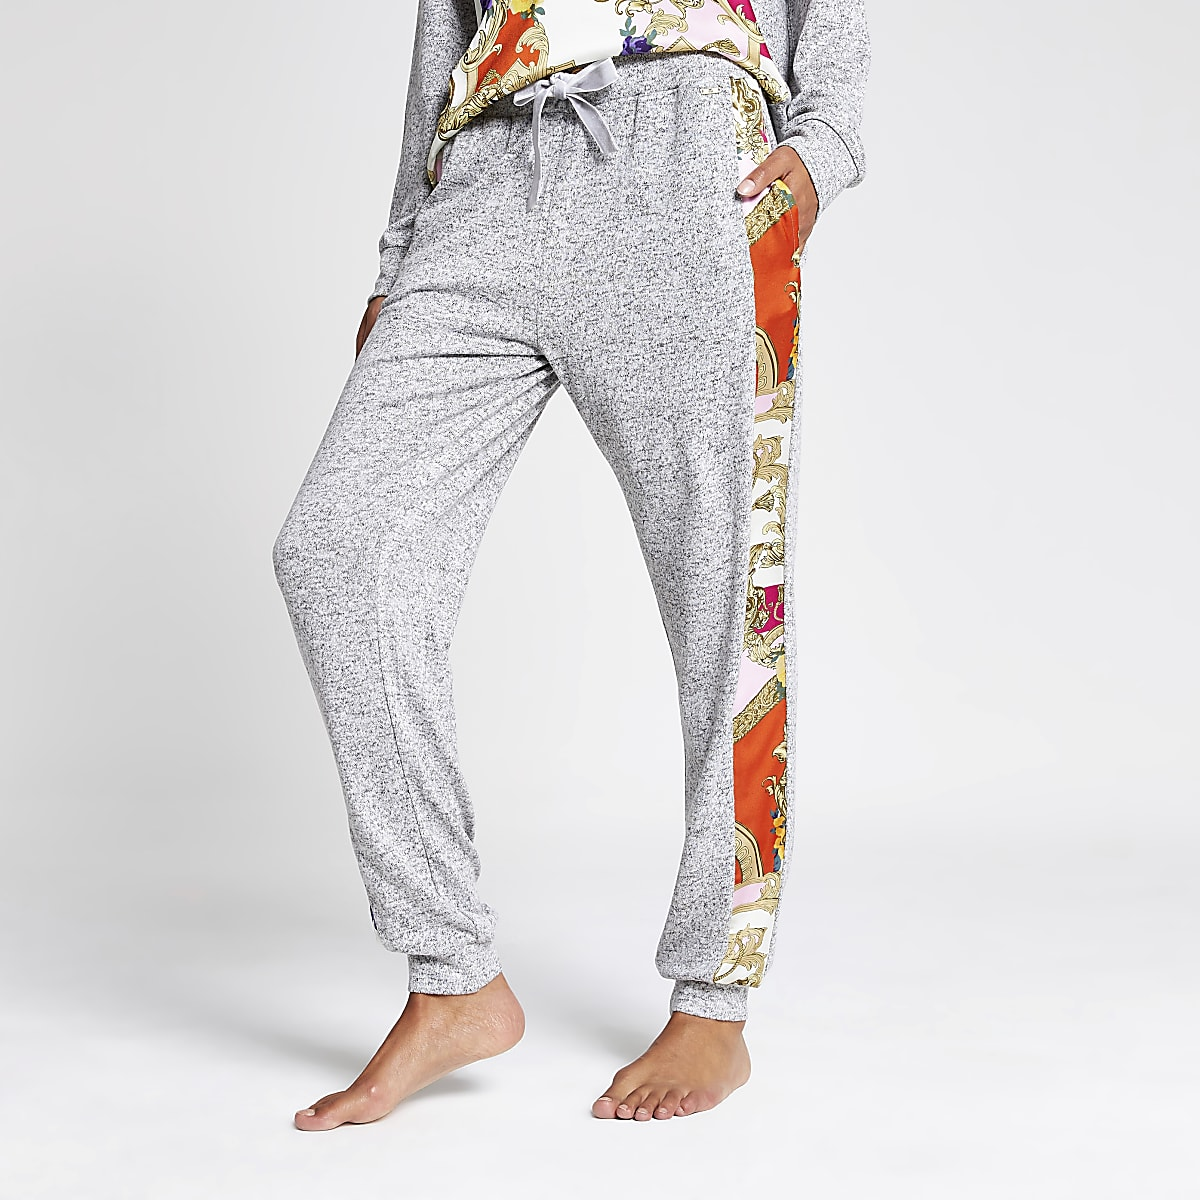 Grijze ruimvallende pyjamabroek met sjaalprint